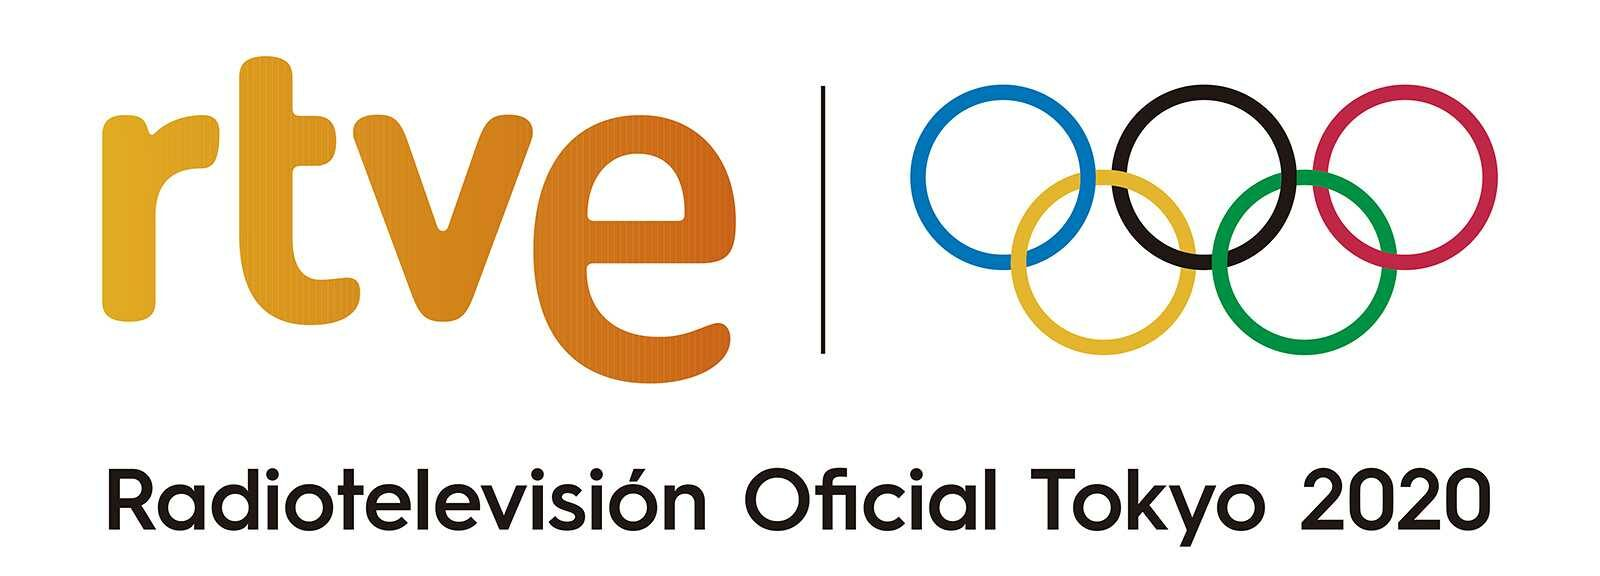 Juegos Olímpicos RTVE